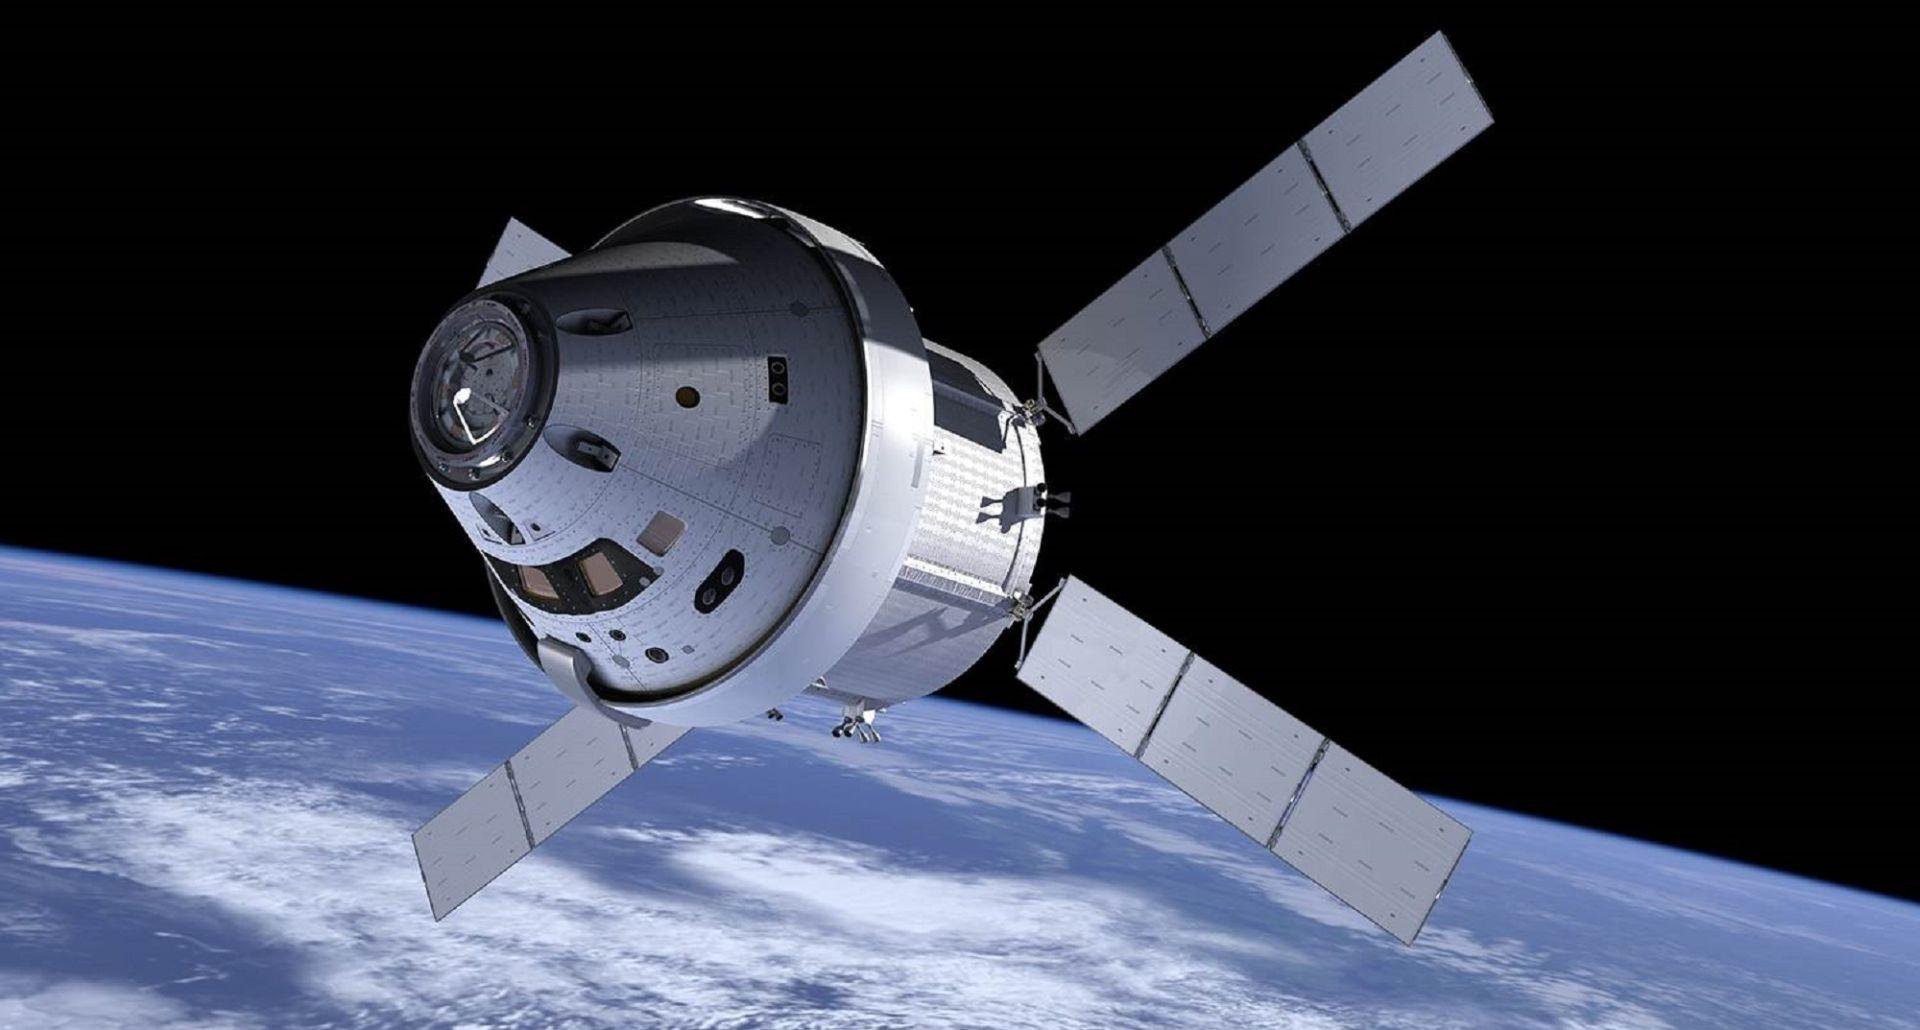 Slovenija testira svoj prvi nanosatelit, u svemiru kroz dvije godine